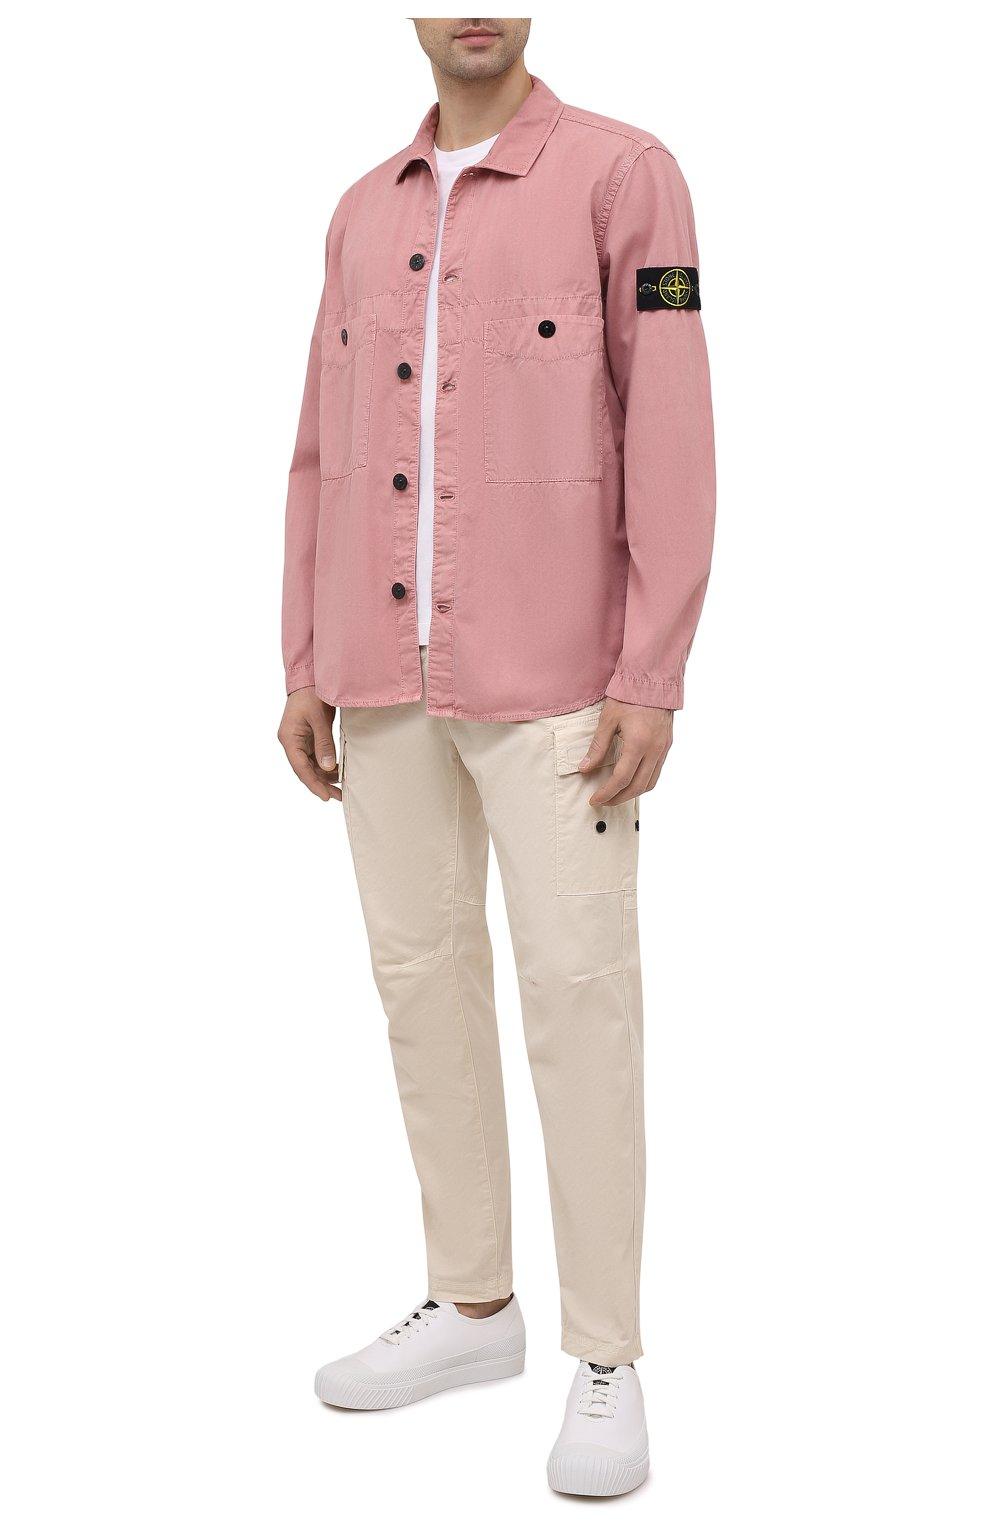 хлопковая мужская рубашка для пляжа